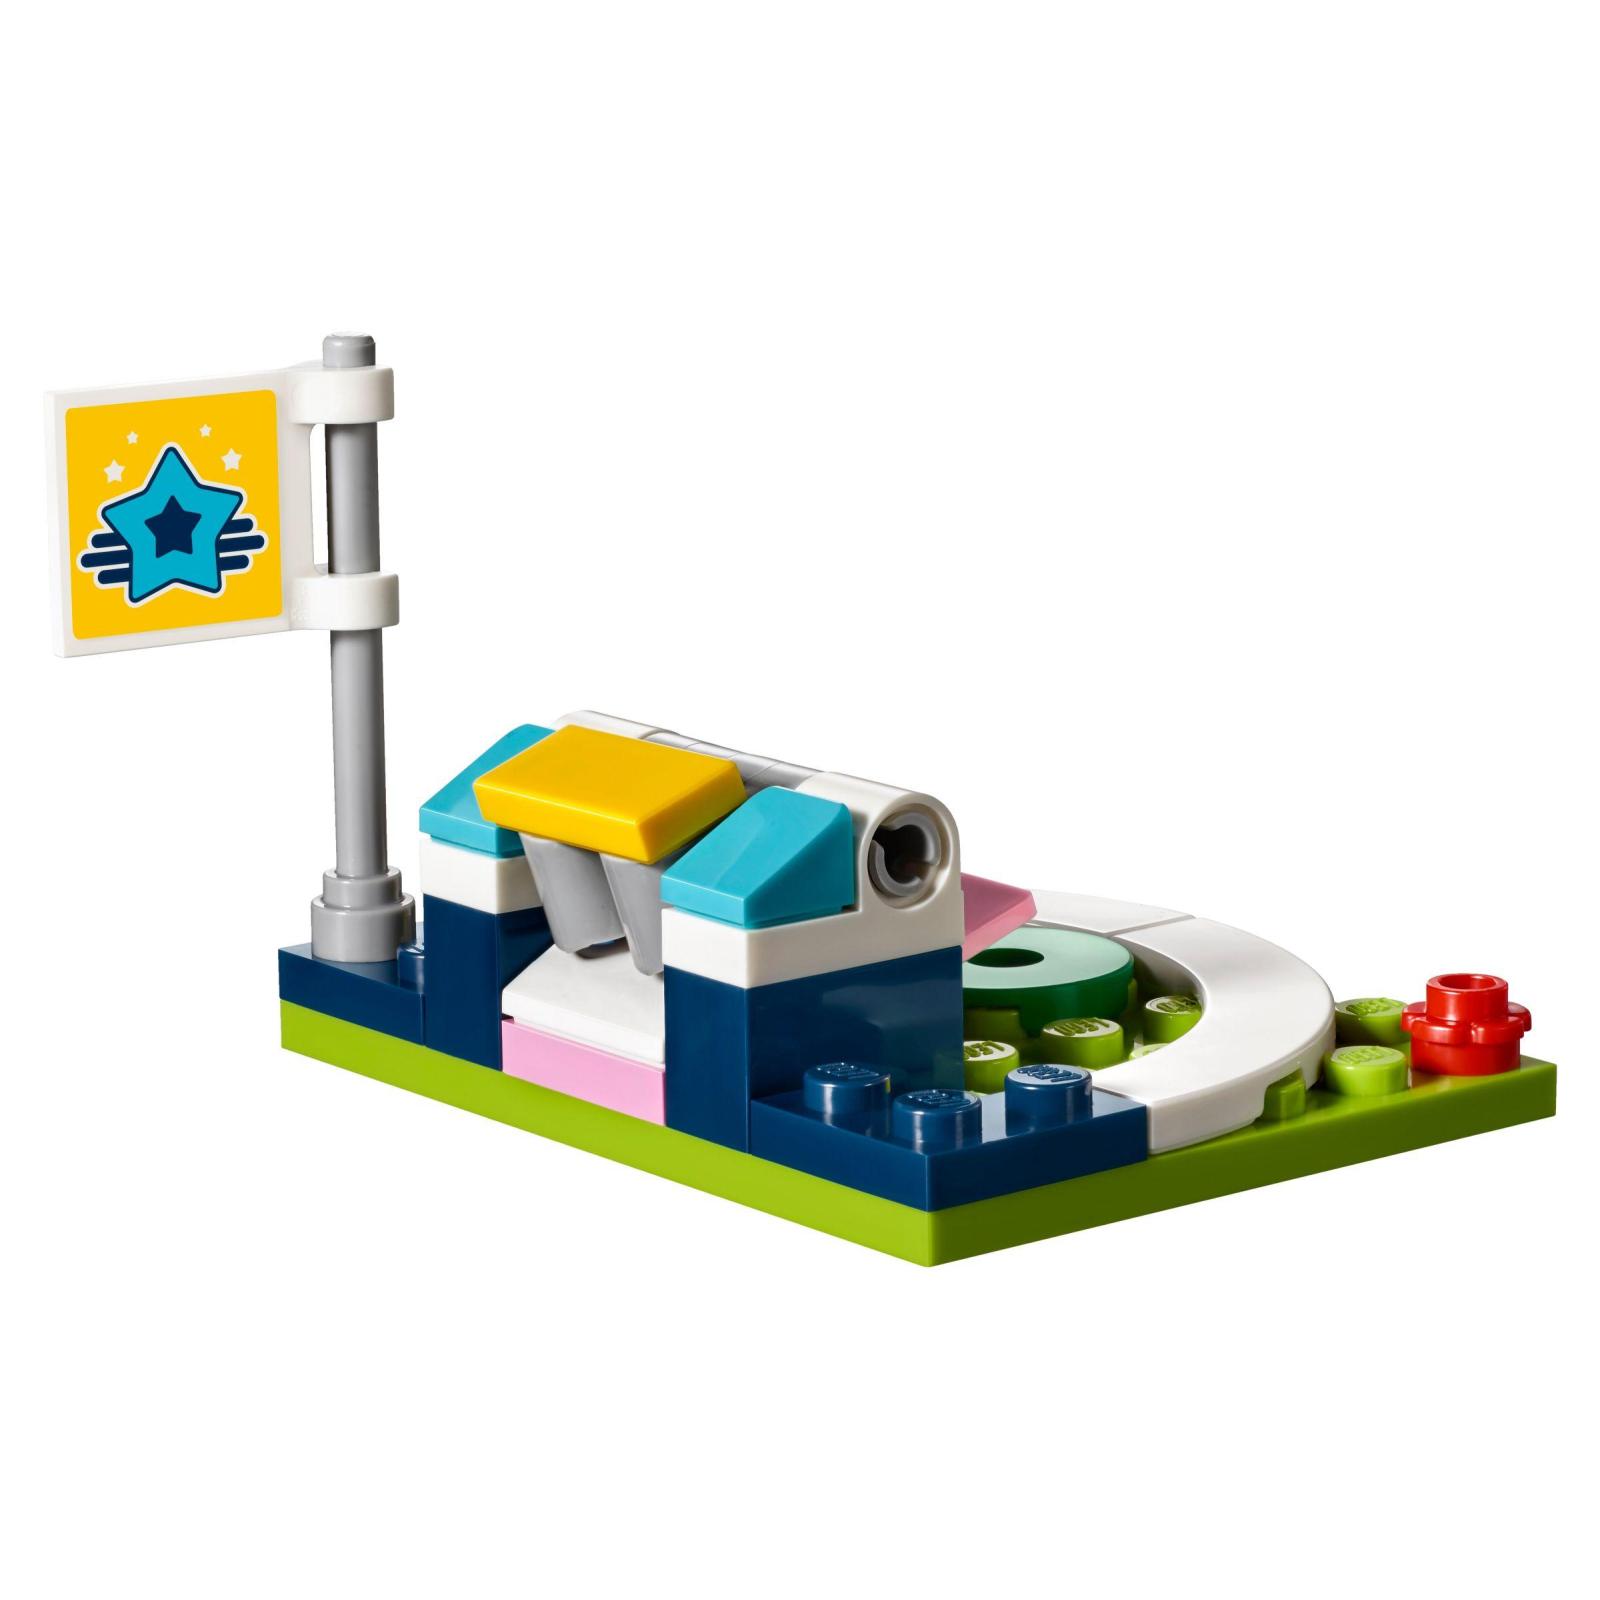 Конструктор LEGO Friends Футбольная тренировка Стефани (41330) изображение 6